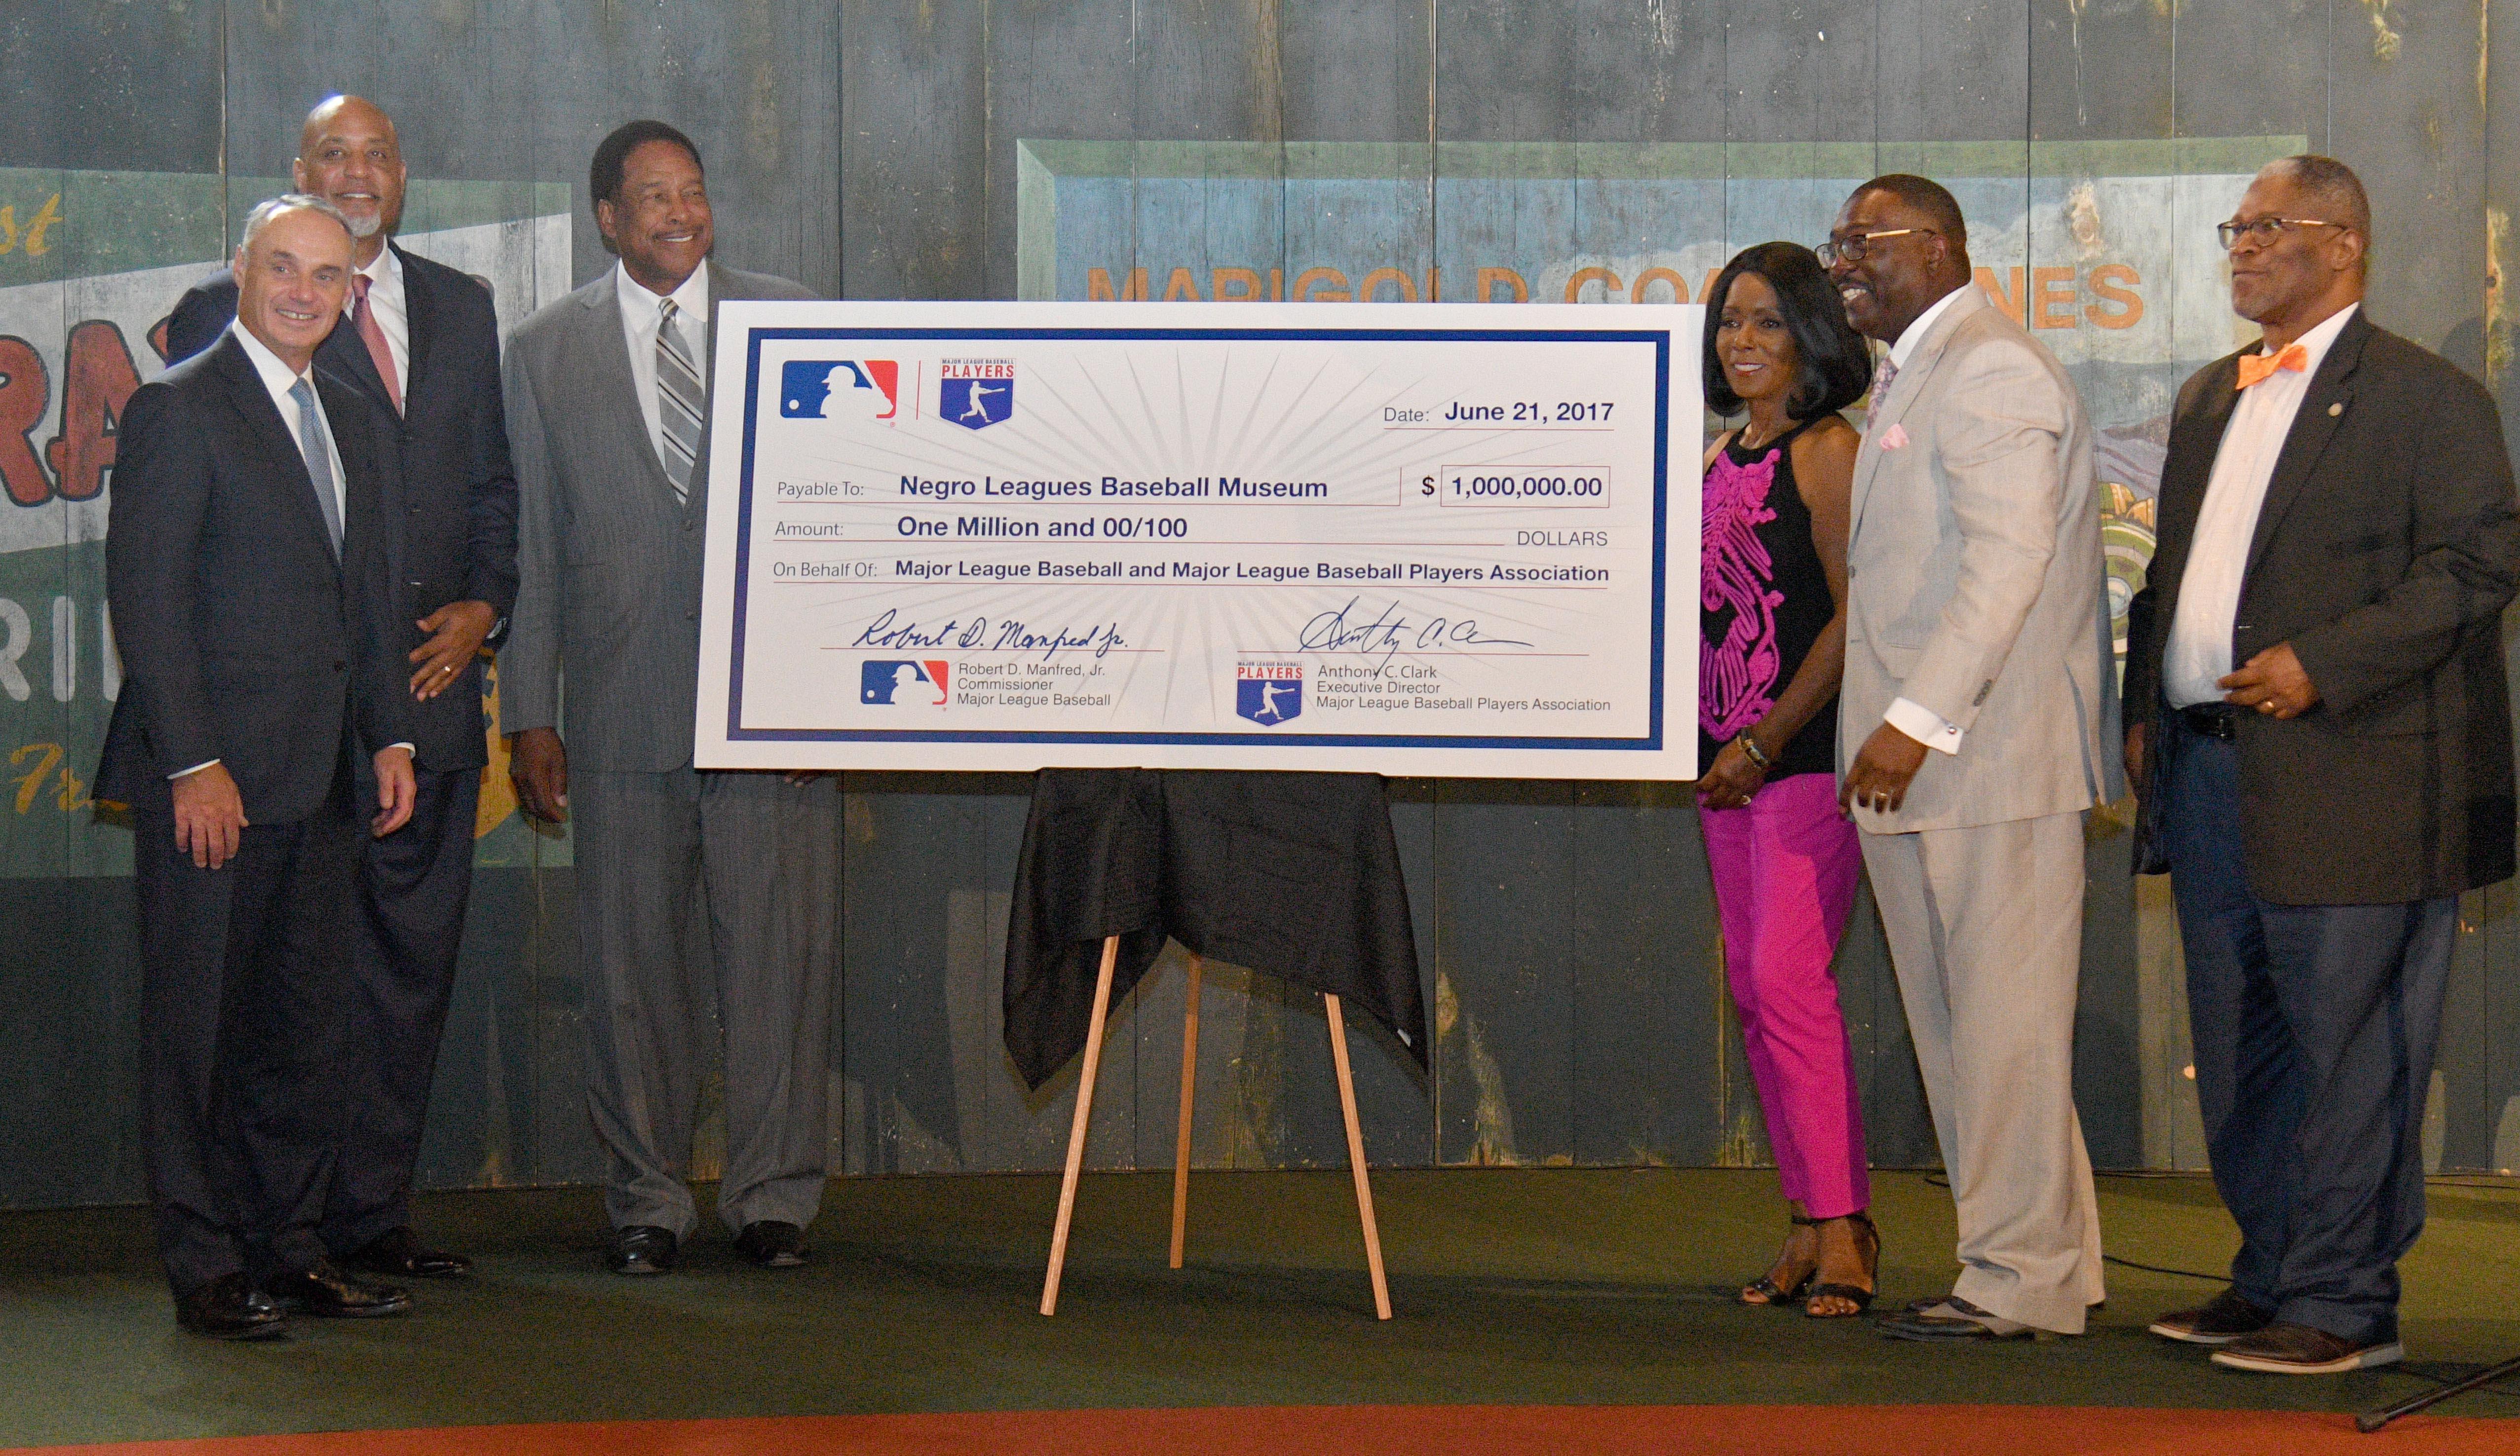 MLB:黑人联盟棒球博物馆新闻发布会